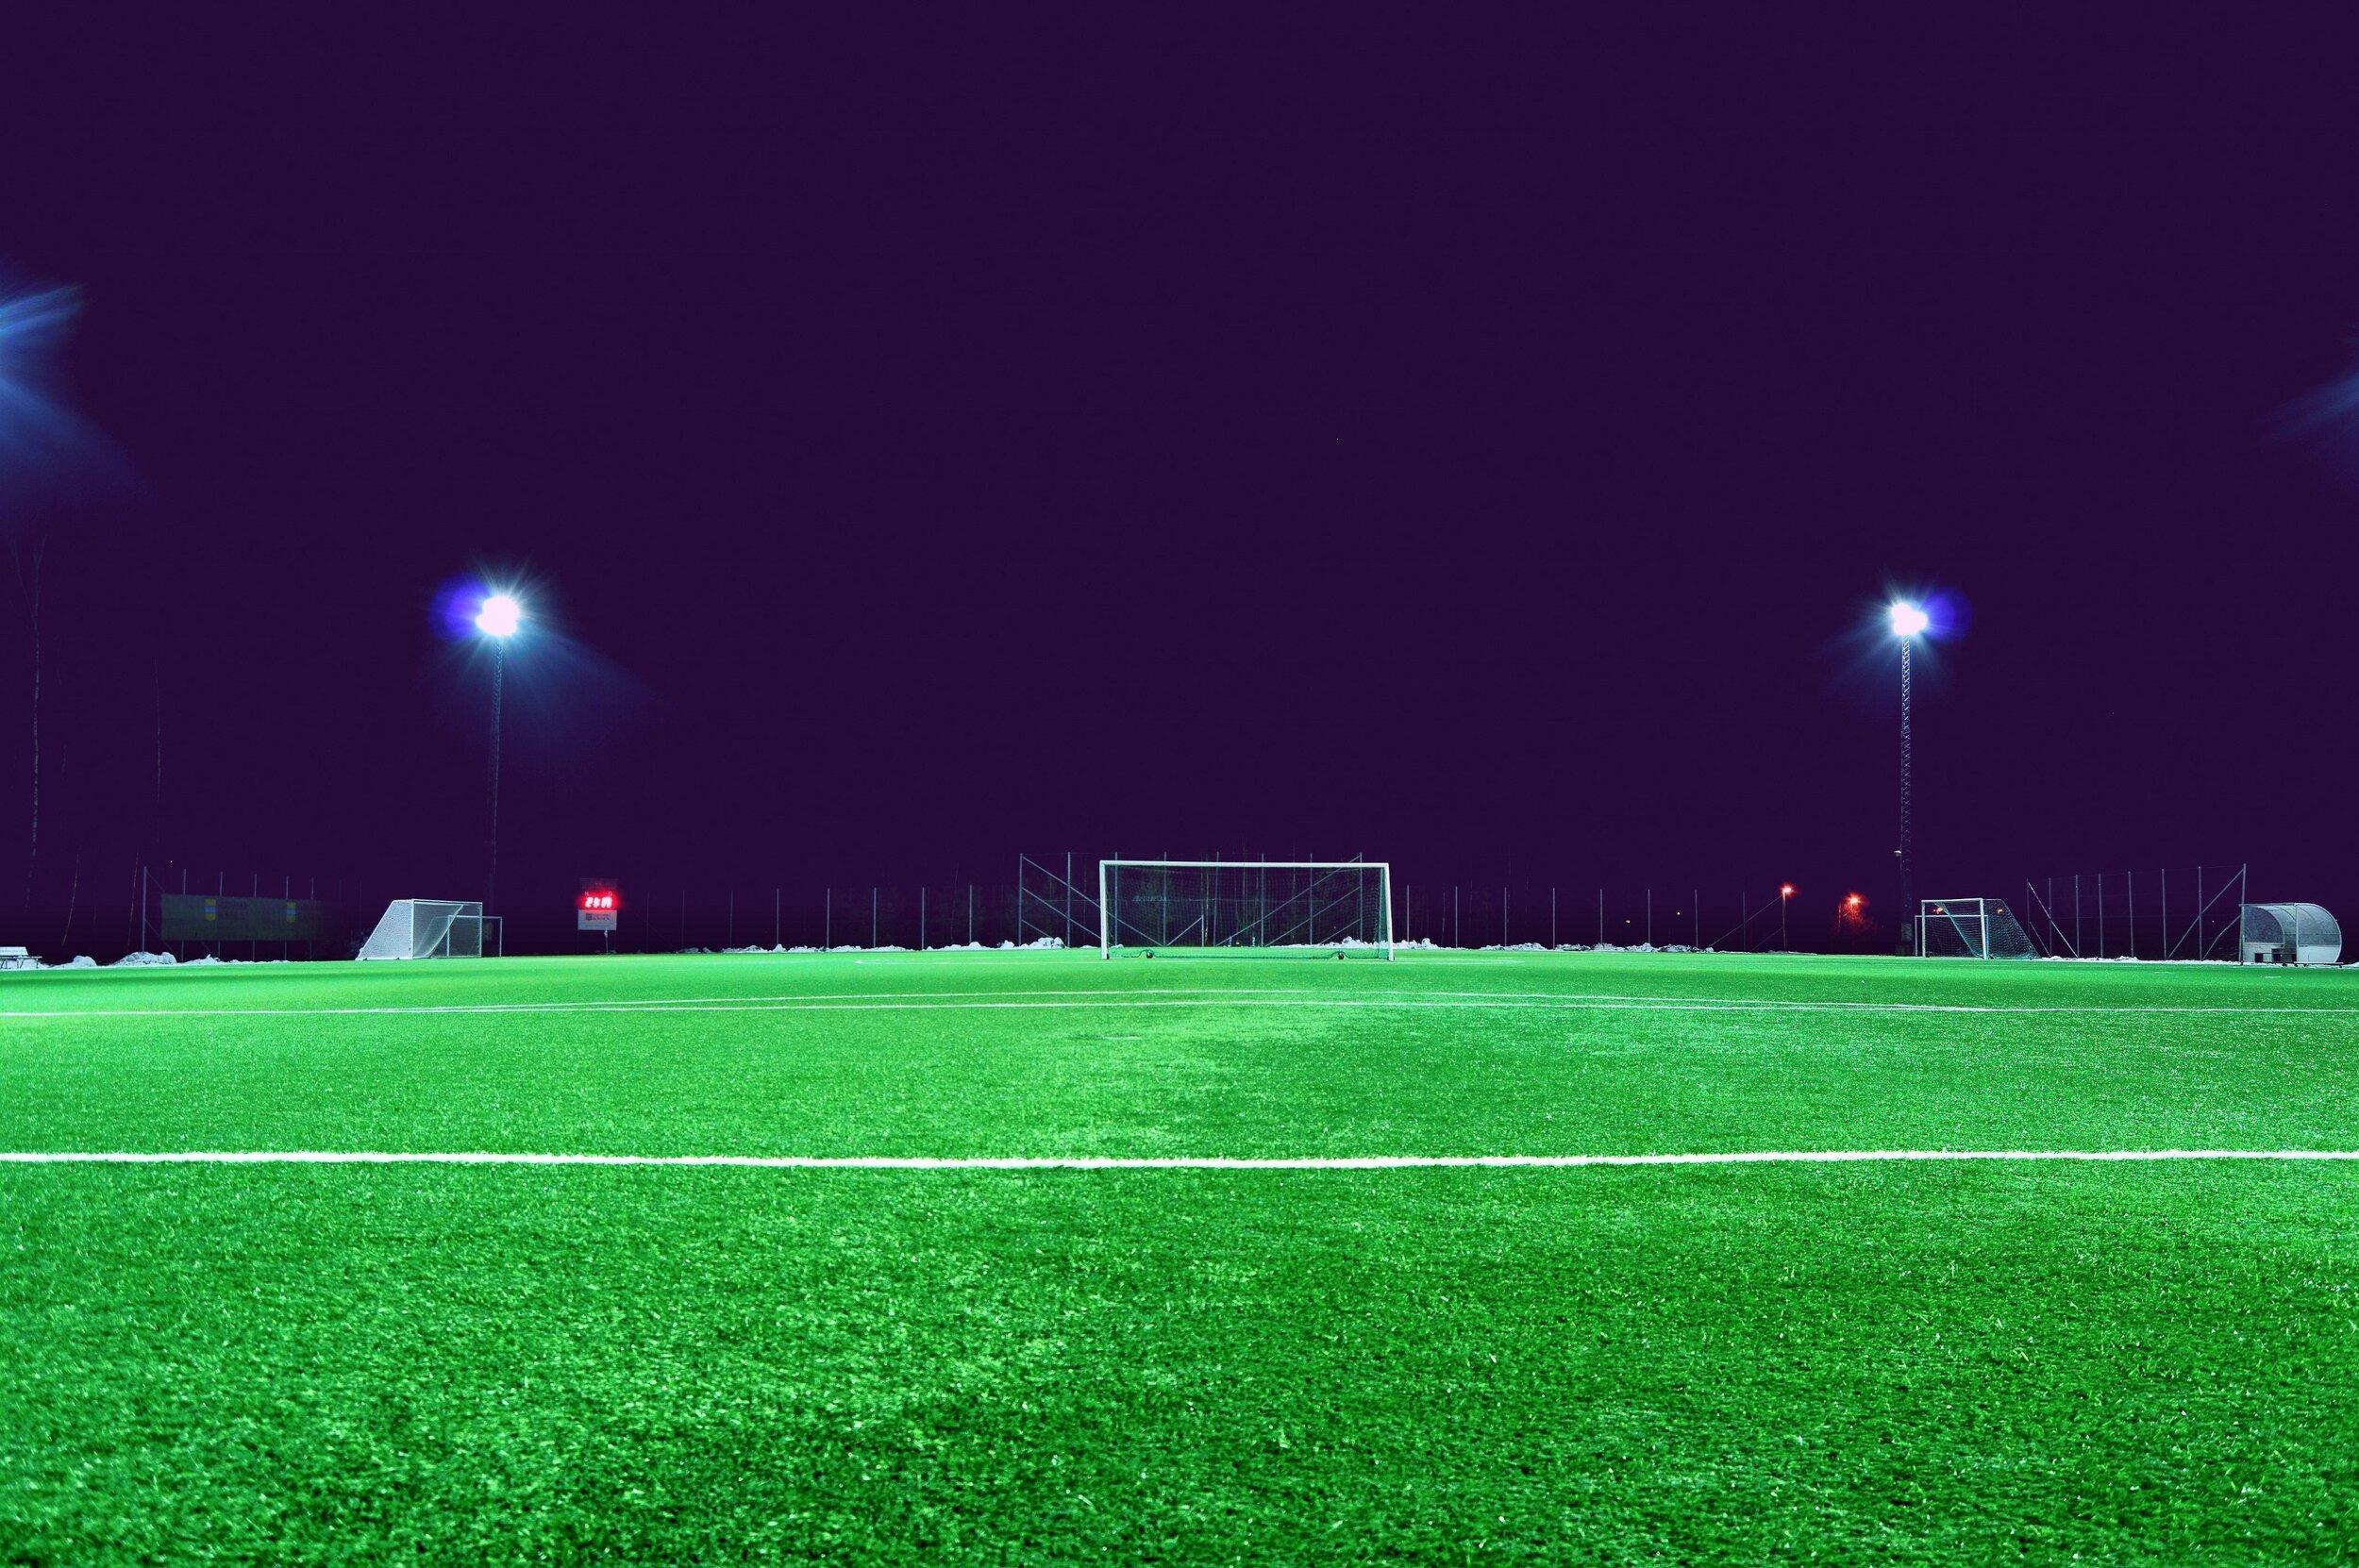 evening-field-goal-399187.jpg